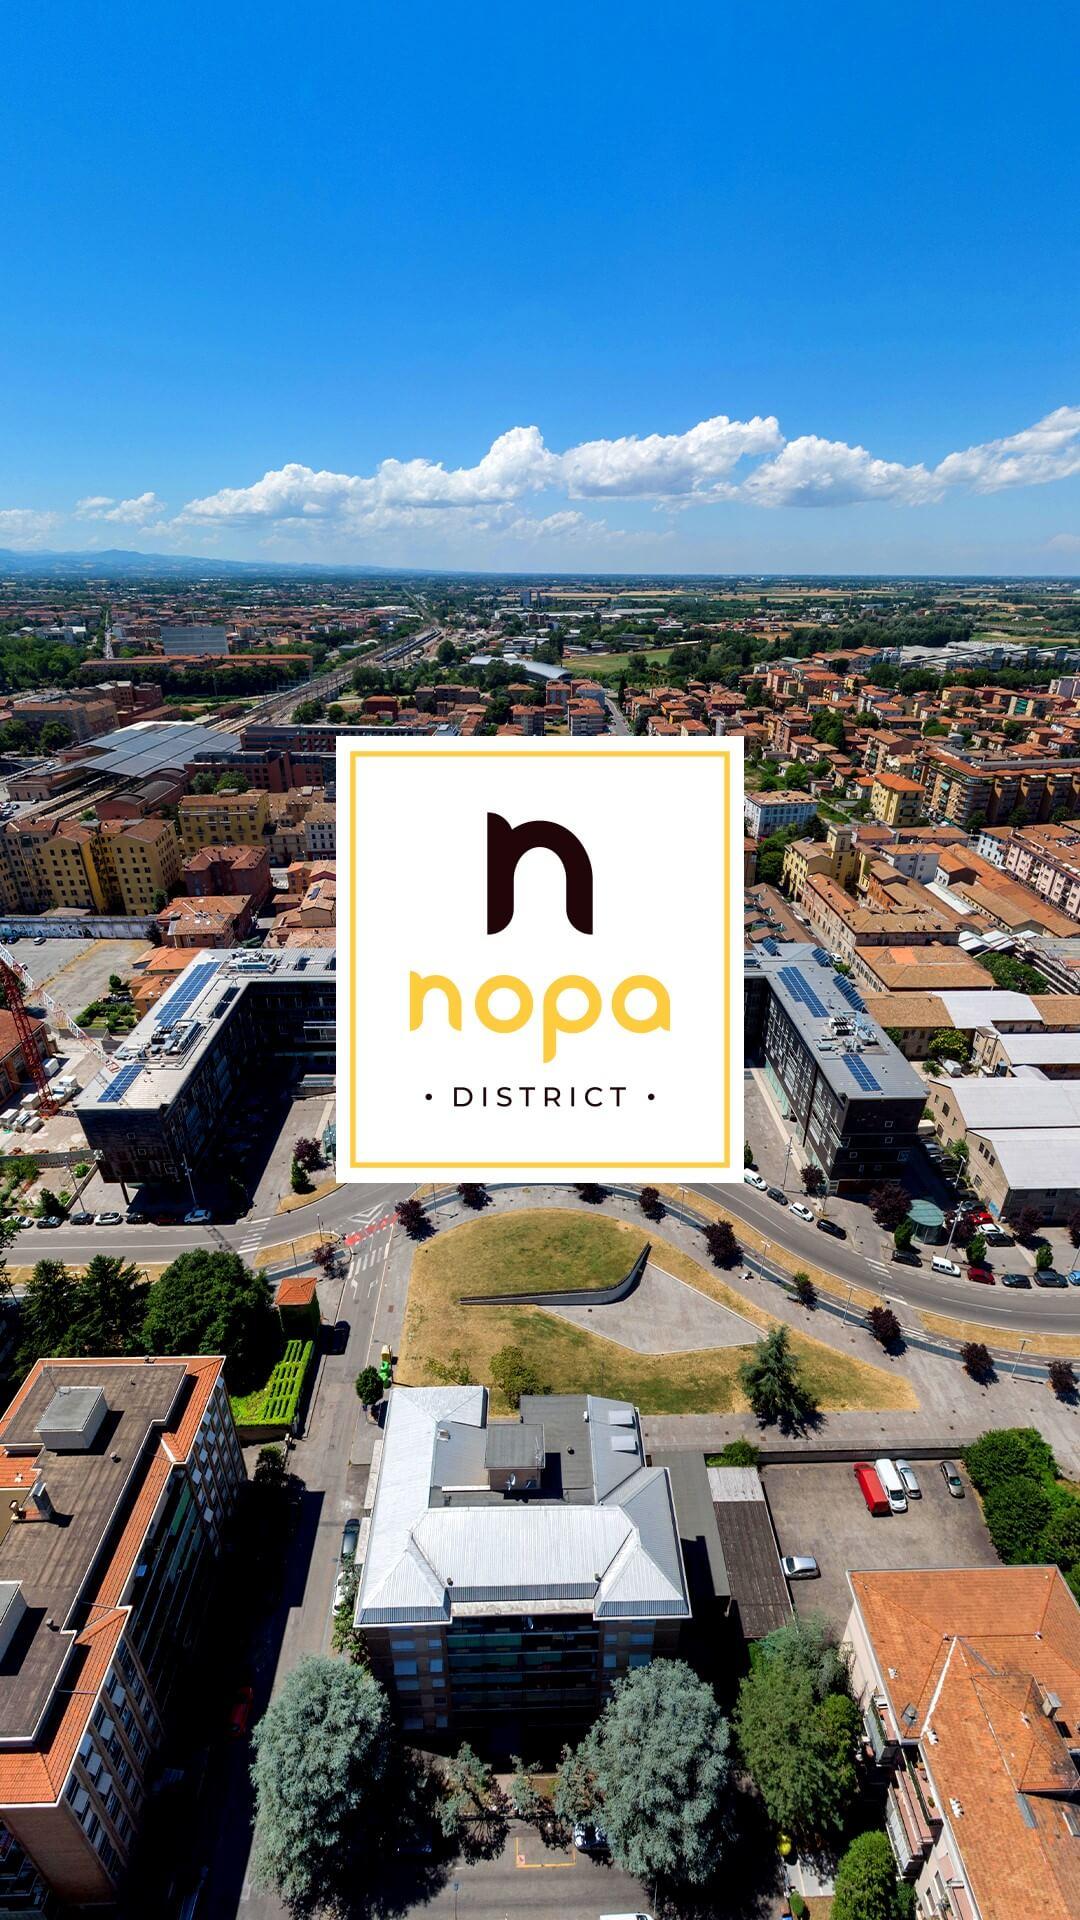 """Melismelis si aggiudica la gara di Aquileia Capital Services per la comunicazione di """"Nopa District"""" a Parma, consolidando la propria expertise nel Real Estate"""